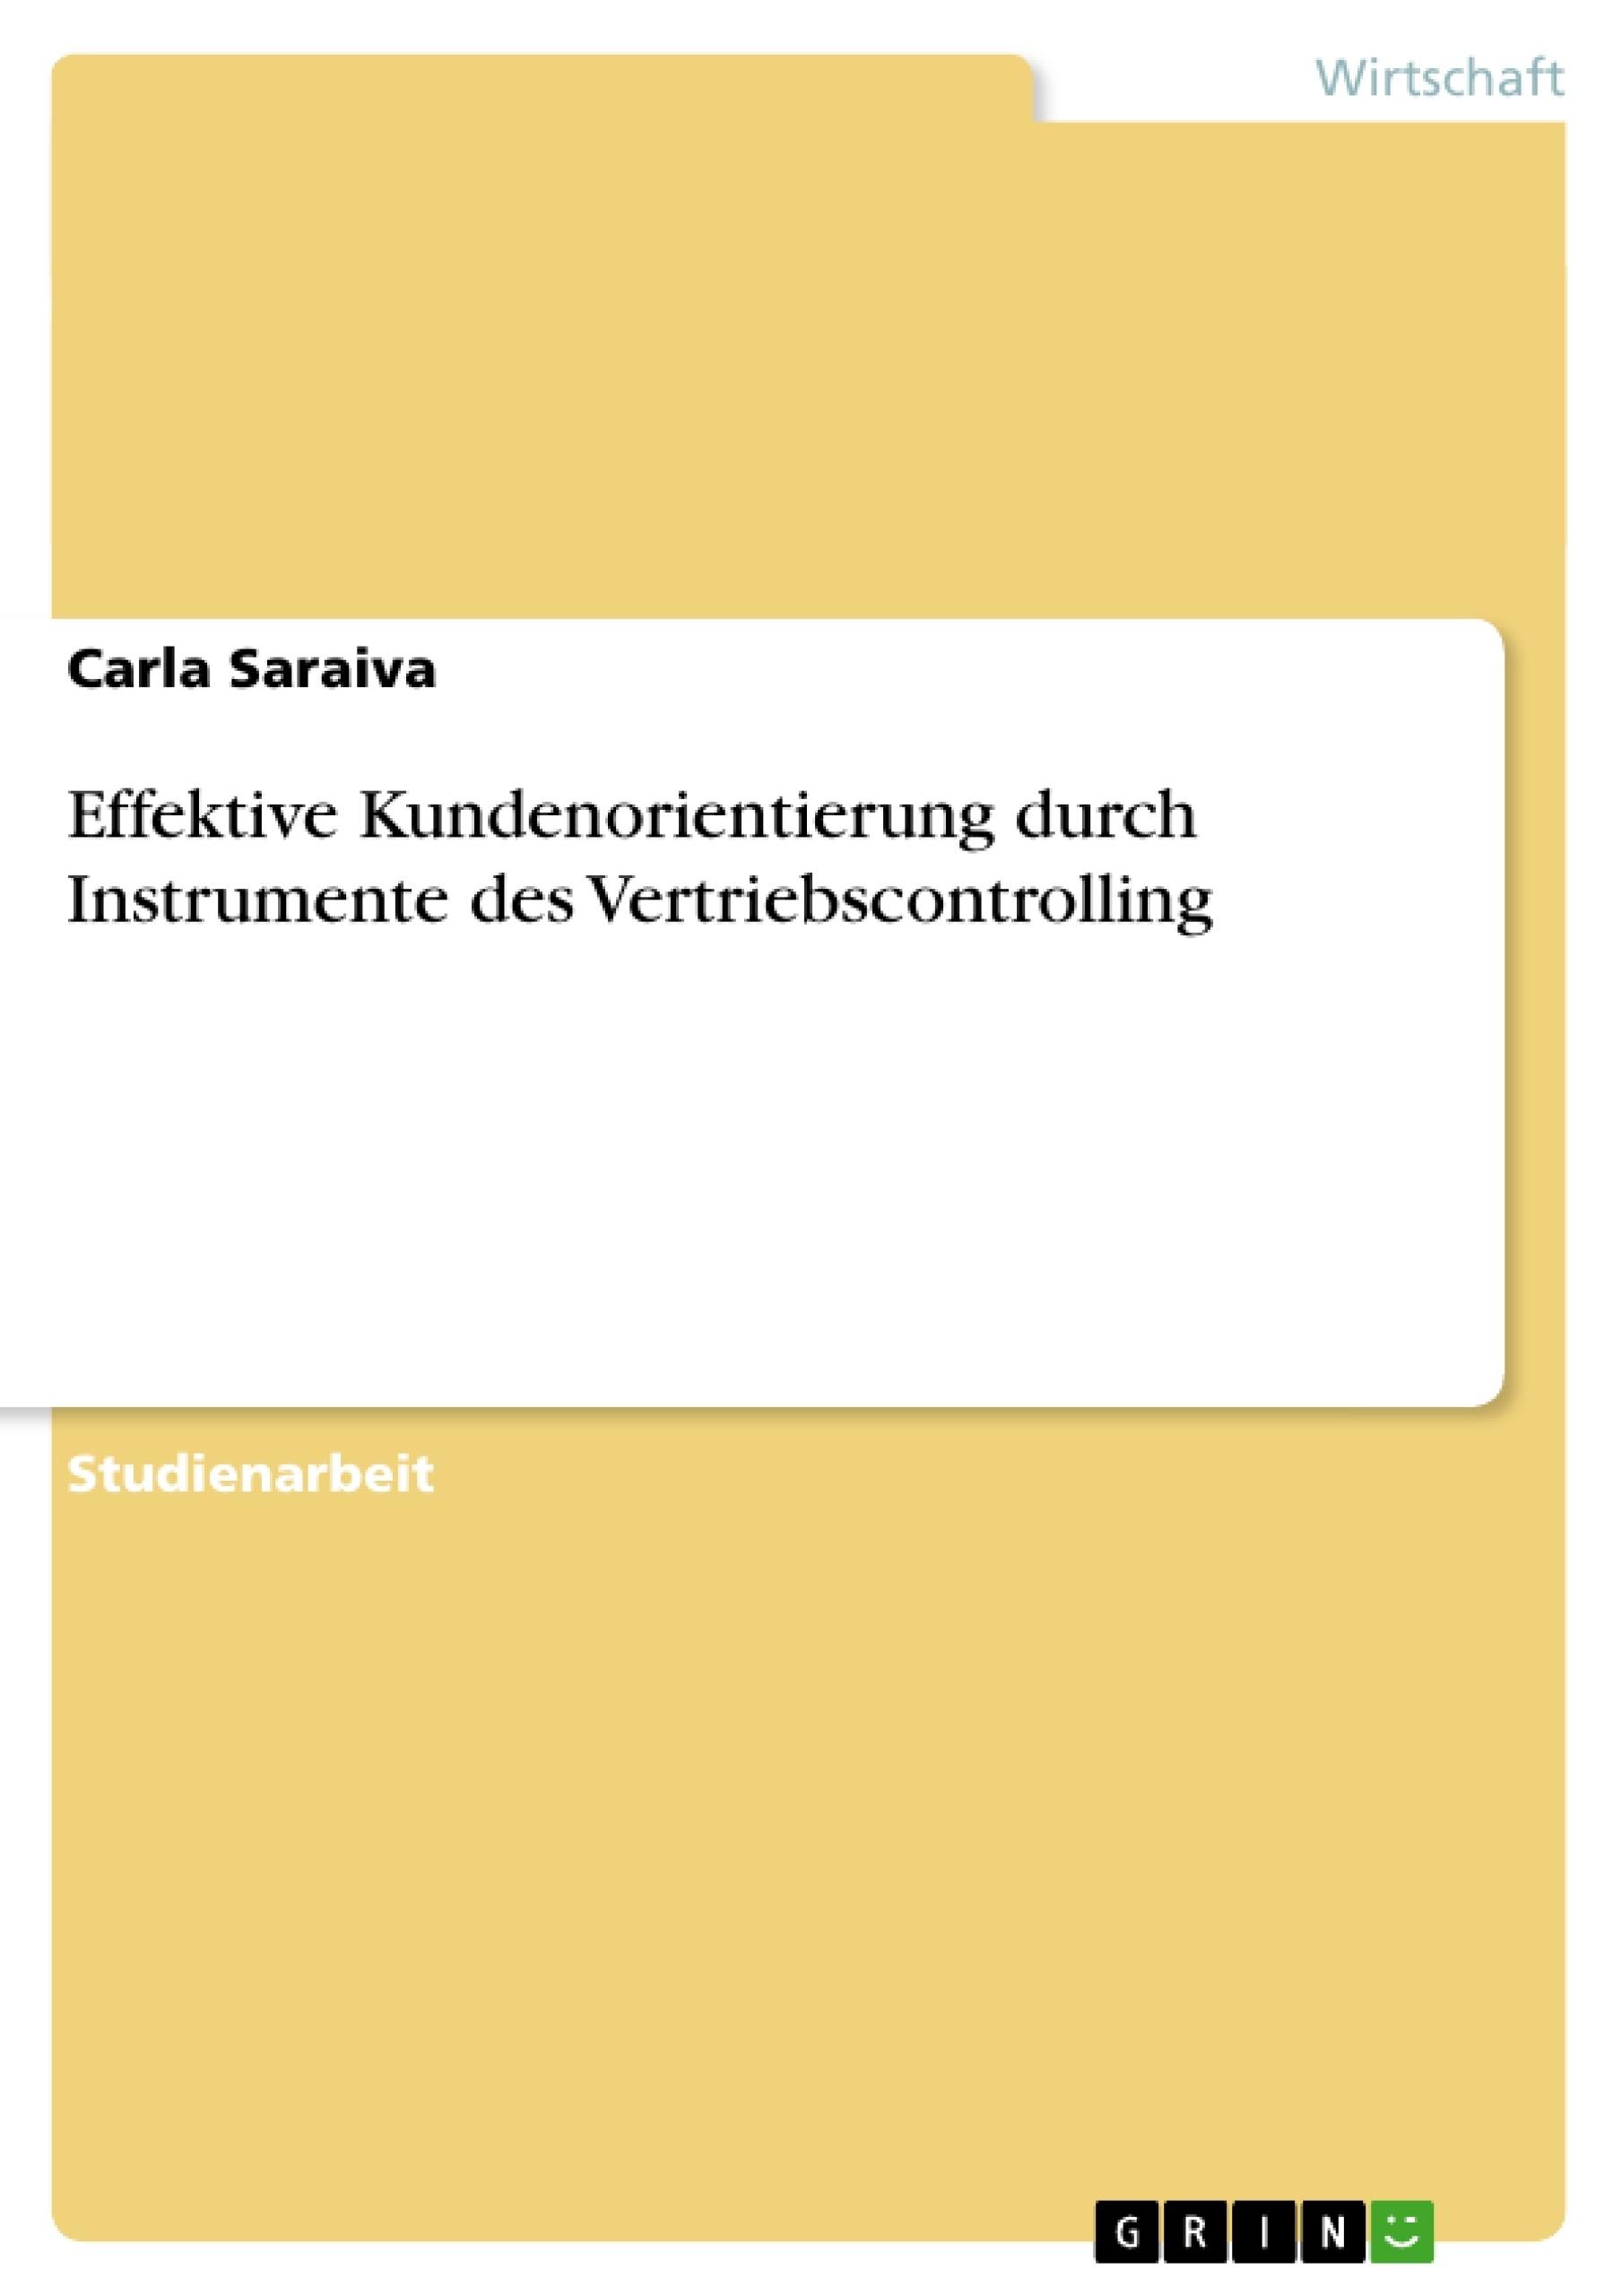 Titel: Effektive Kundenorientierung durch Instrumente des Vertriebscontrolling